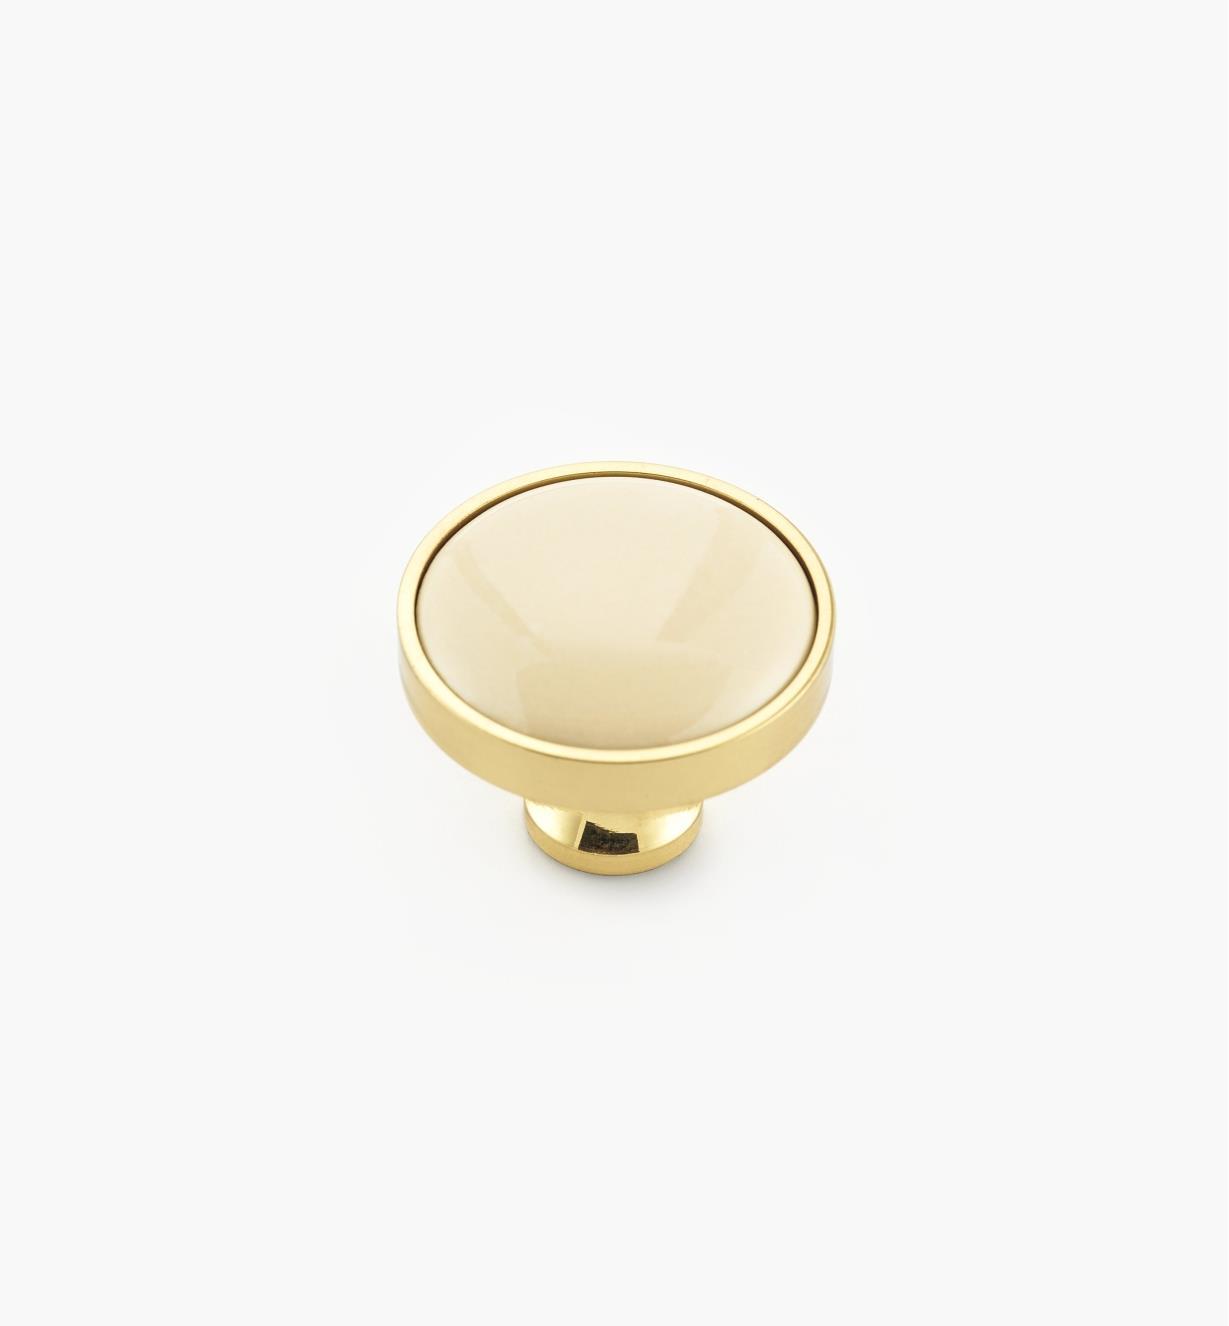 00W7625 - Bouton laiton-céramique, amande, 1 3/16 po x 15/16 po